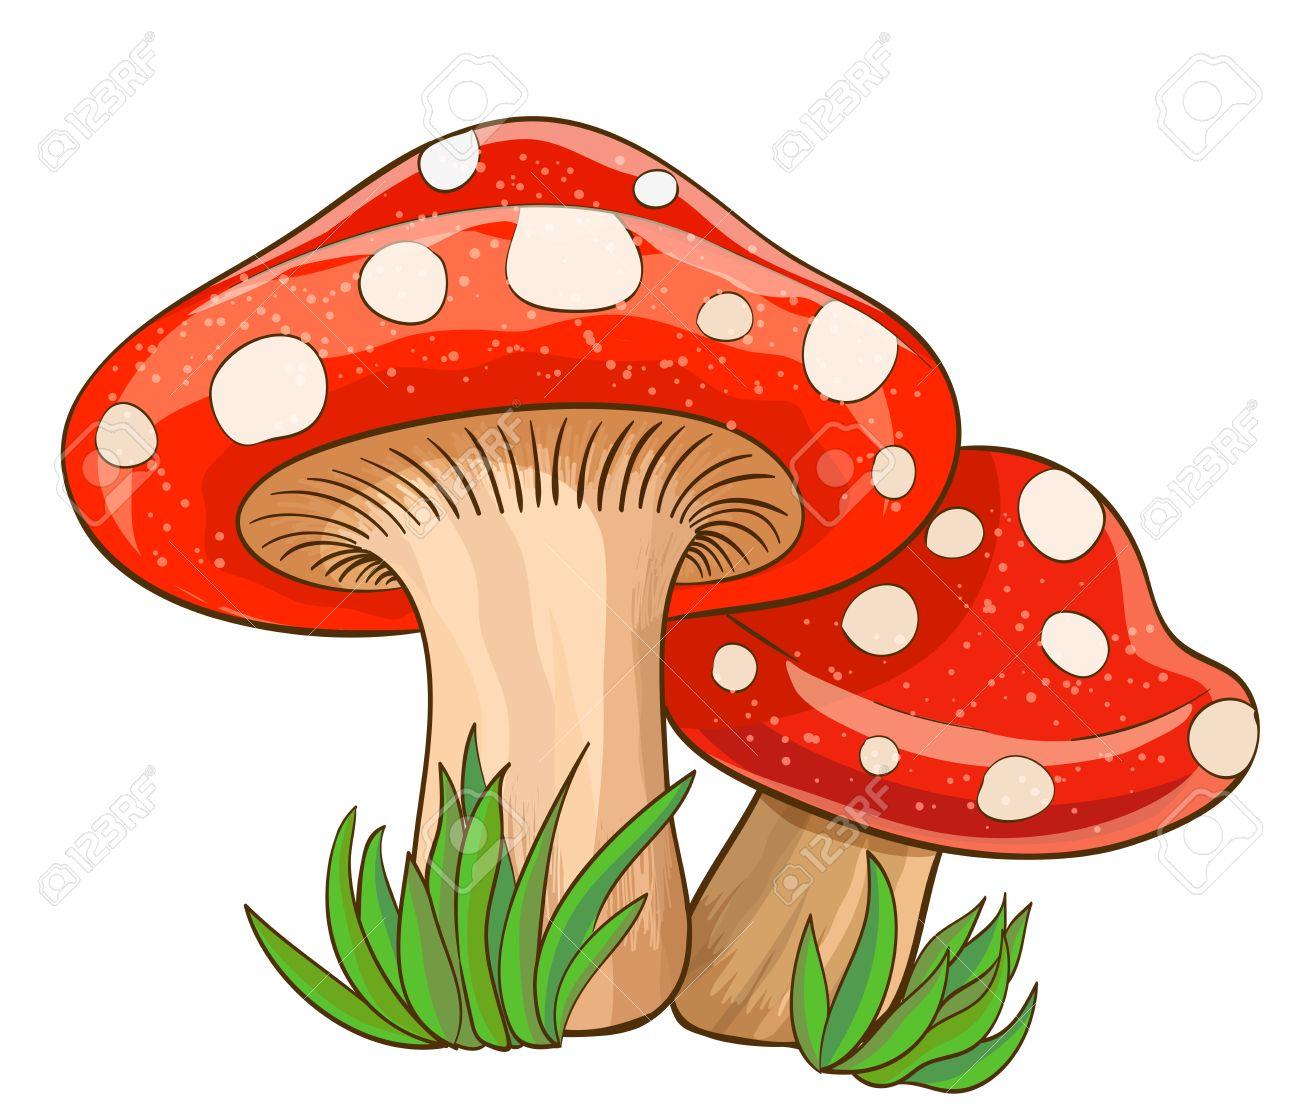 Dessin Animé Champignons Rouges Et De L'herbe Sur Blanc. Illustration  Vectorielle avec Dessiner Un Champignon